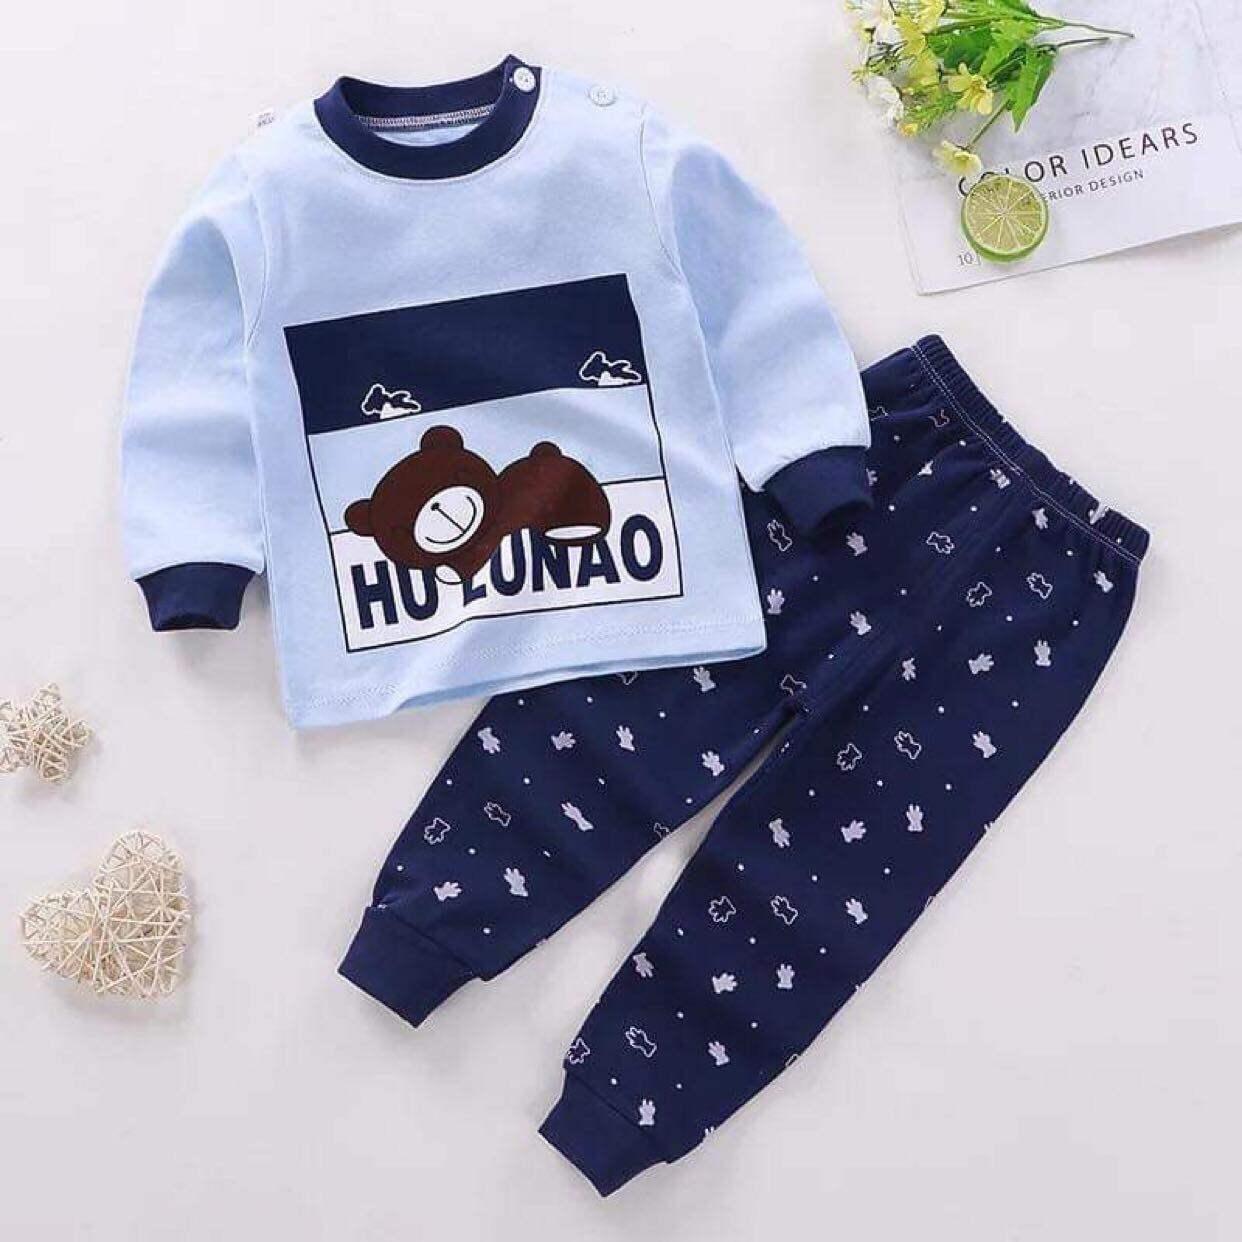 (ชุดนอนเด็ก ชาย 4 เดือน - 4 ขวบ)?ผ้านิ่ม cotton ลายการ์ตูนน่ารักสีสันสดใส size 80-120